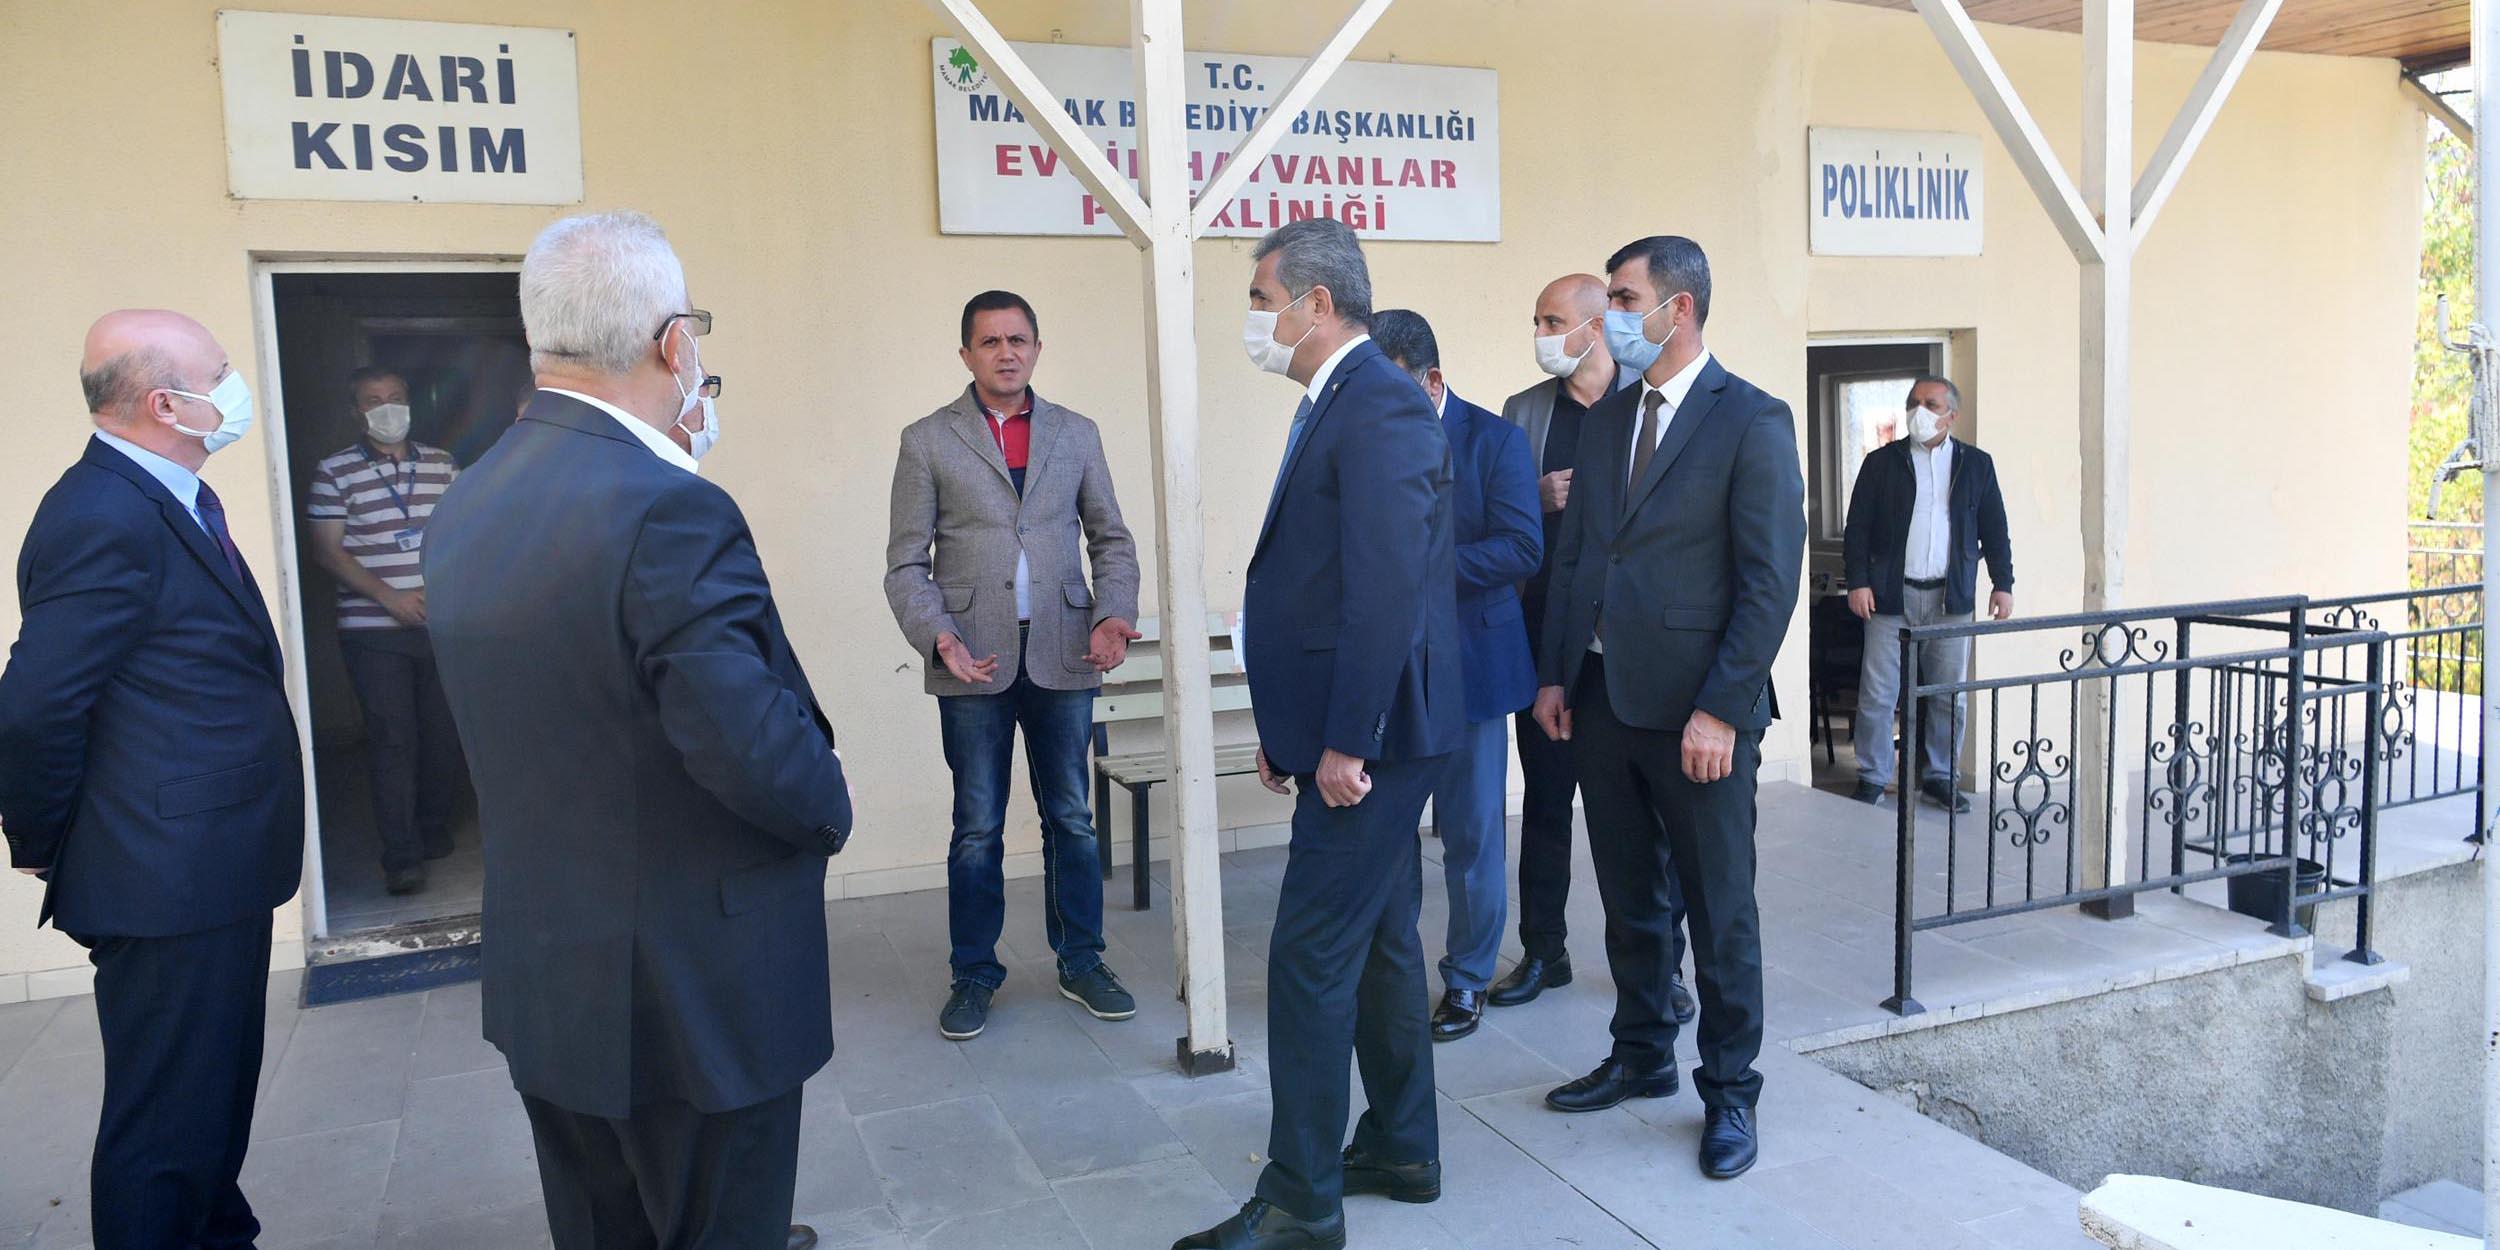 Başkan Köse'den Evcil Hayvanlar Polikliniği'ne ziyaret